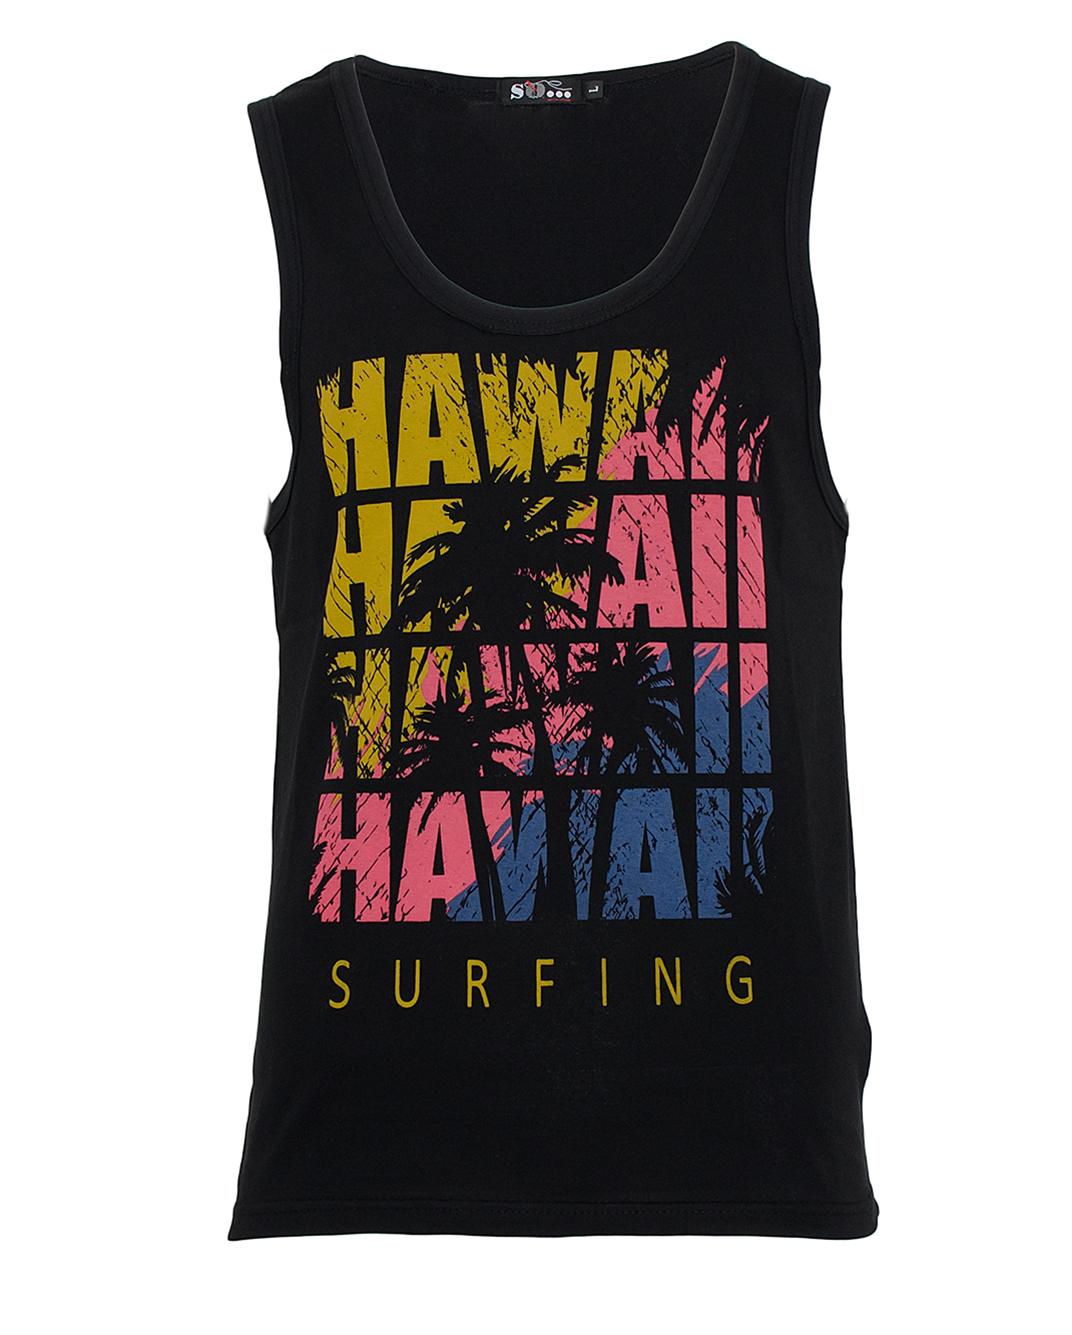 Ανδρικό Αμάνικο Hawai-Μαύρο αρχική ανδρικά ρούχα επιλογή ανά προϊόν t shirts